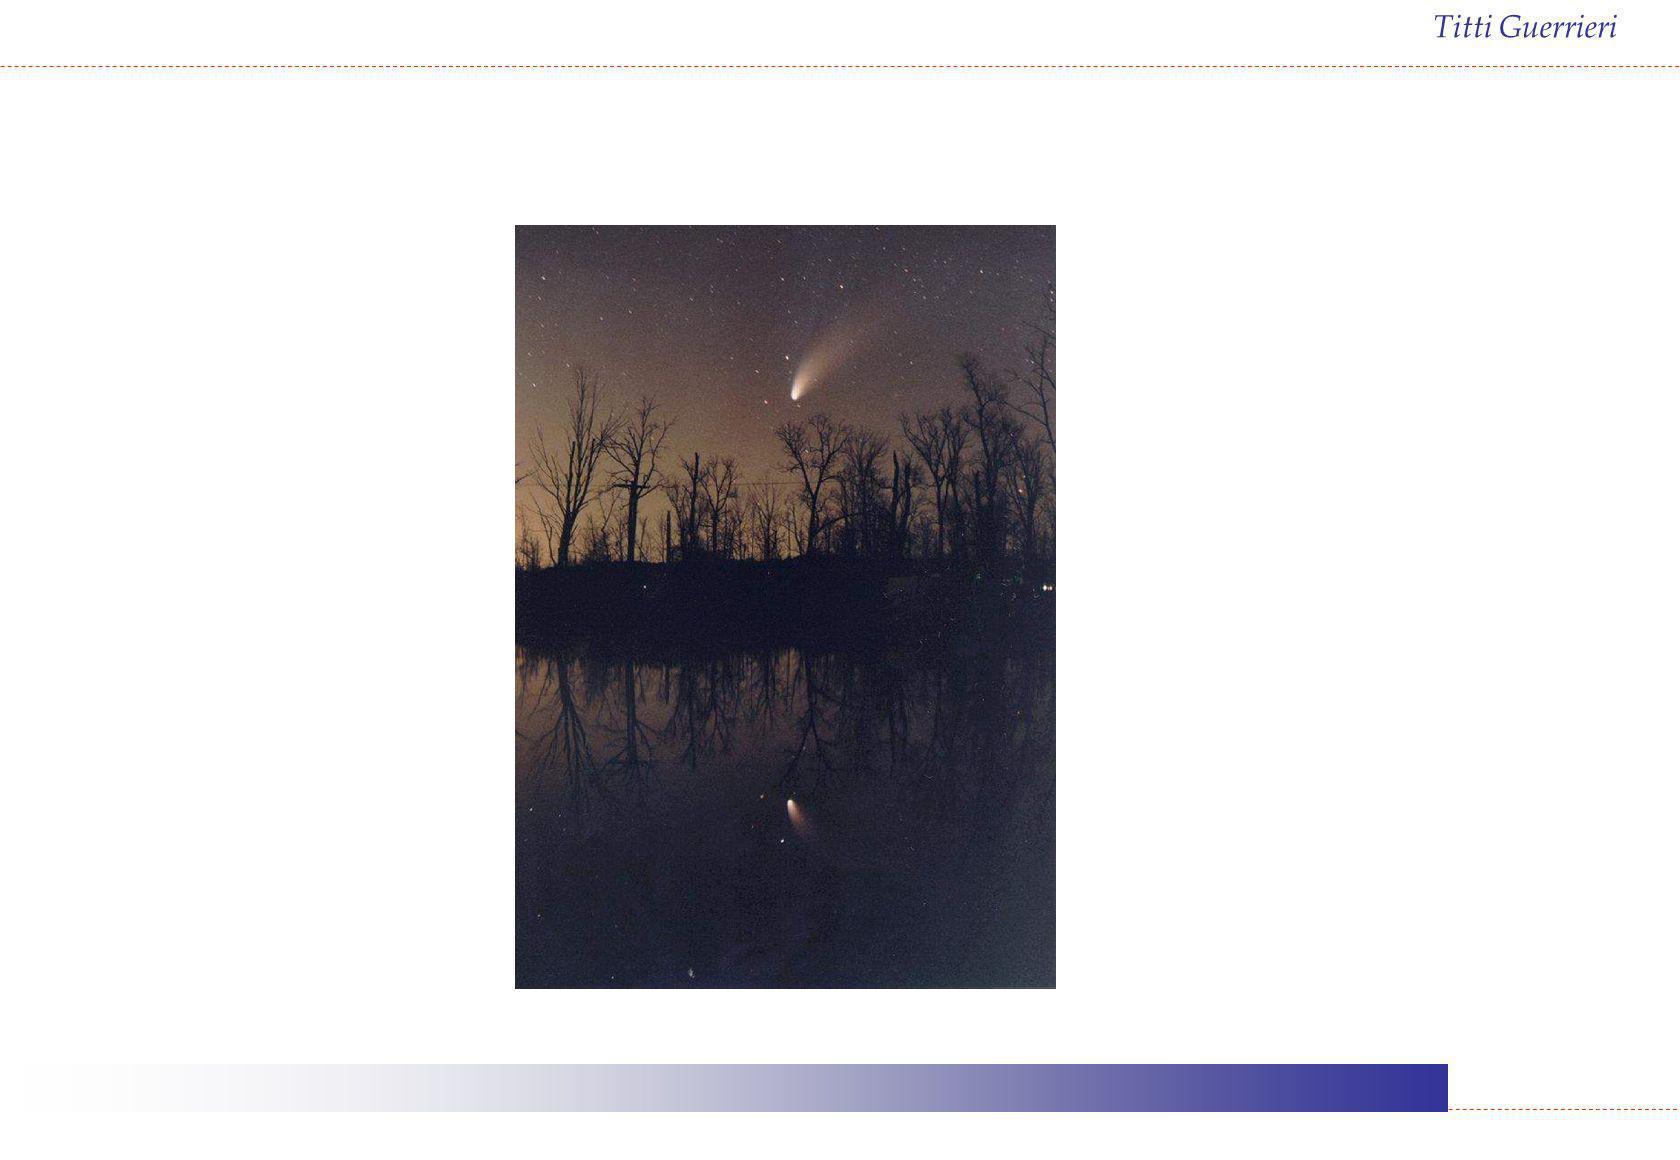 Titti Guerrieri La calibrazione fu tentata da Hertzsprung nel 1913 usando cefeidi galattiche delle quali si conosceva la distanza.